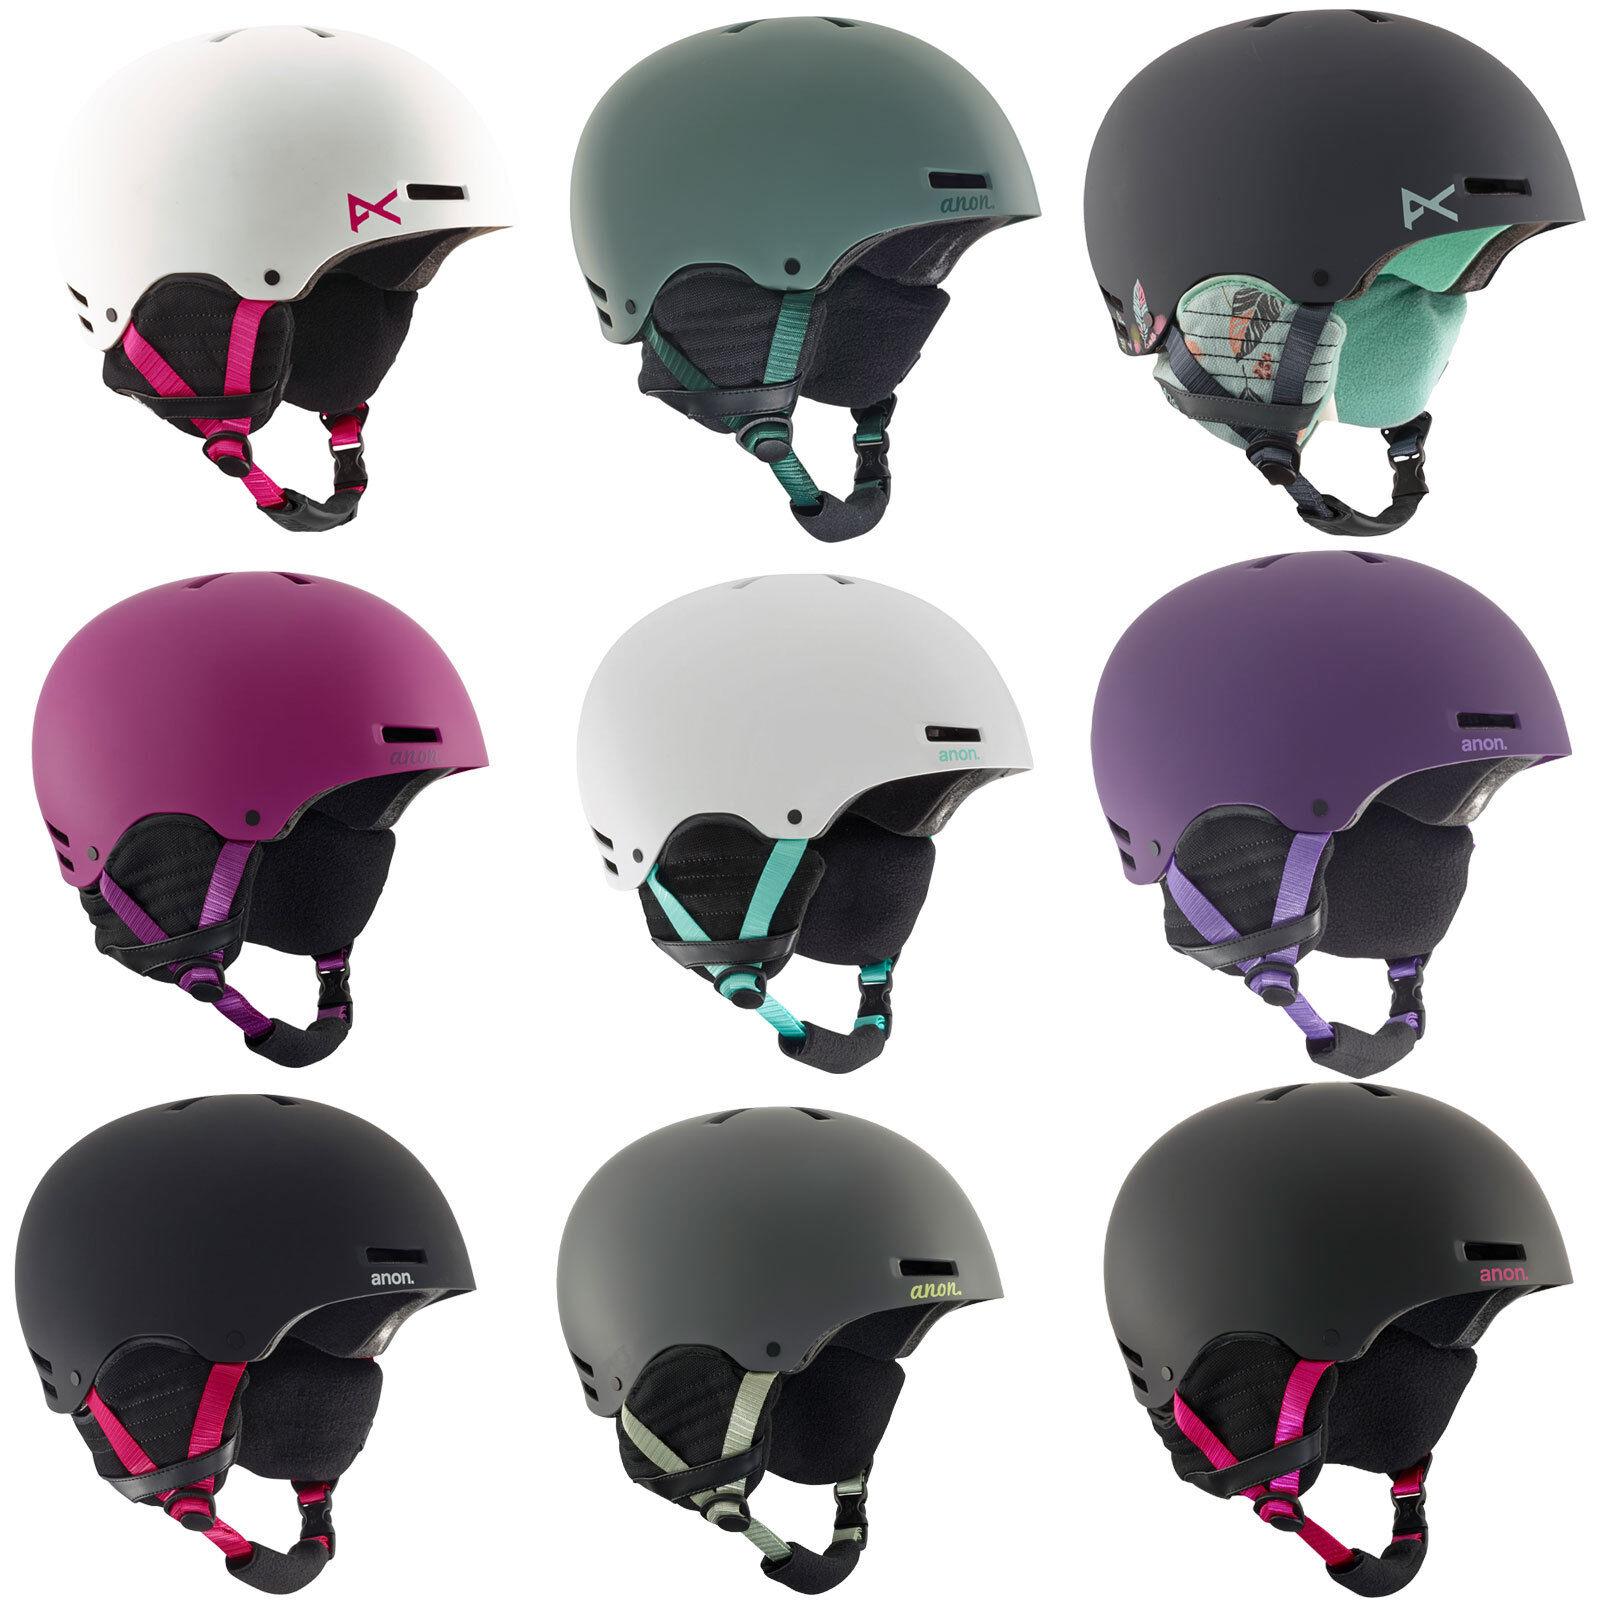 Anon Greta DaSie-Snowboardhelm Skihelm Helm Helmet Wintersport Protektion